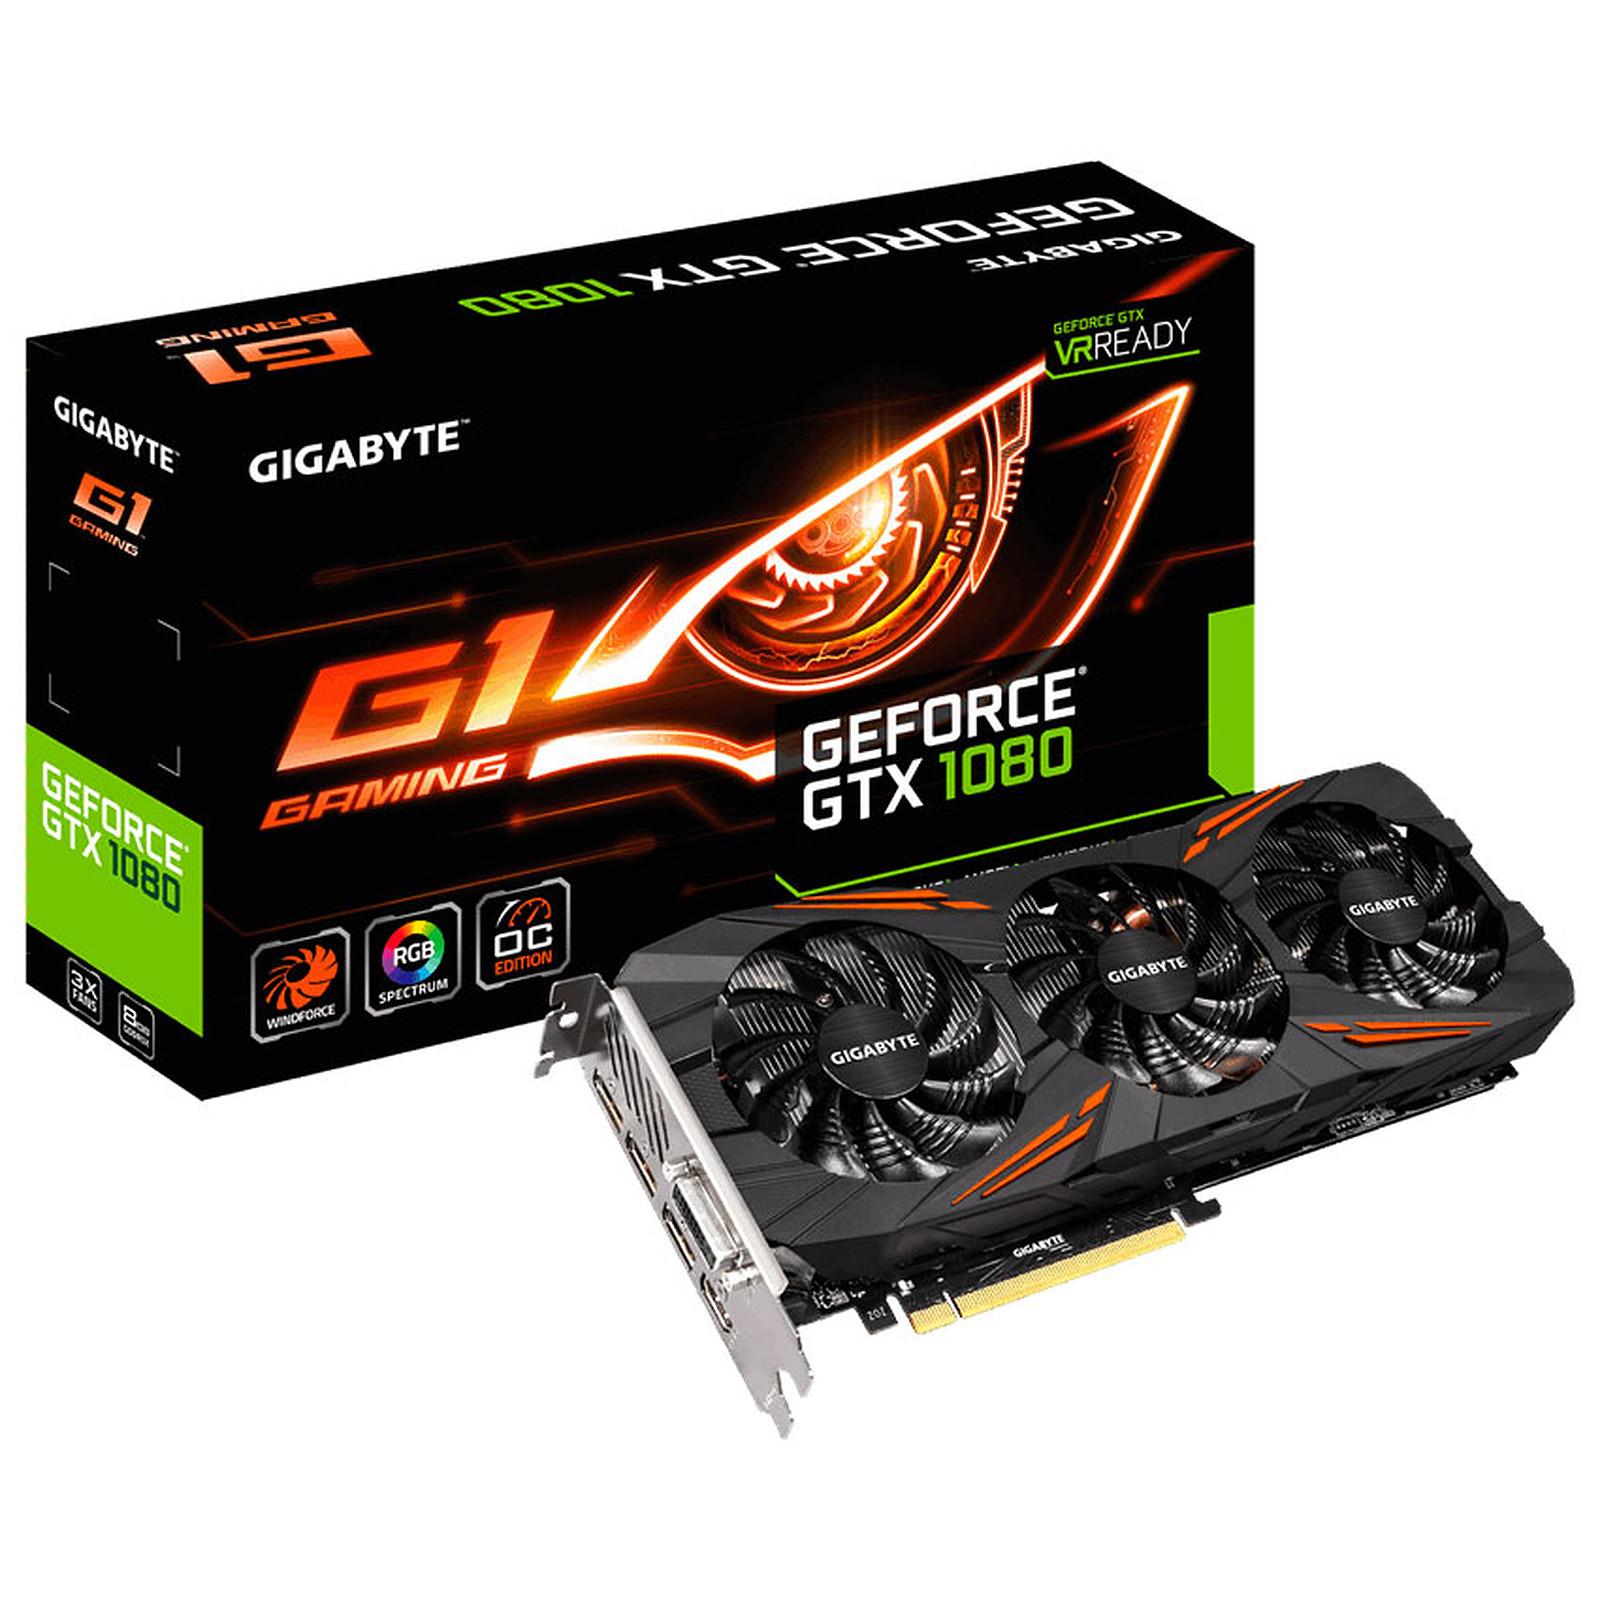 Gigabyte GeForce GTX 1080 G1 Gaming - GV-N1080G1 GAMING-8GD